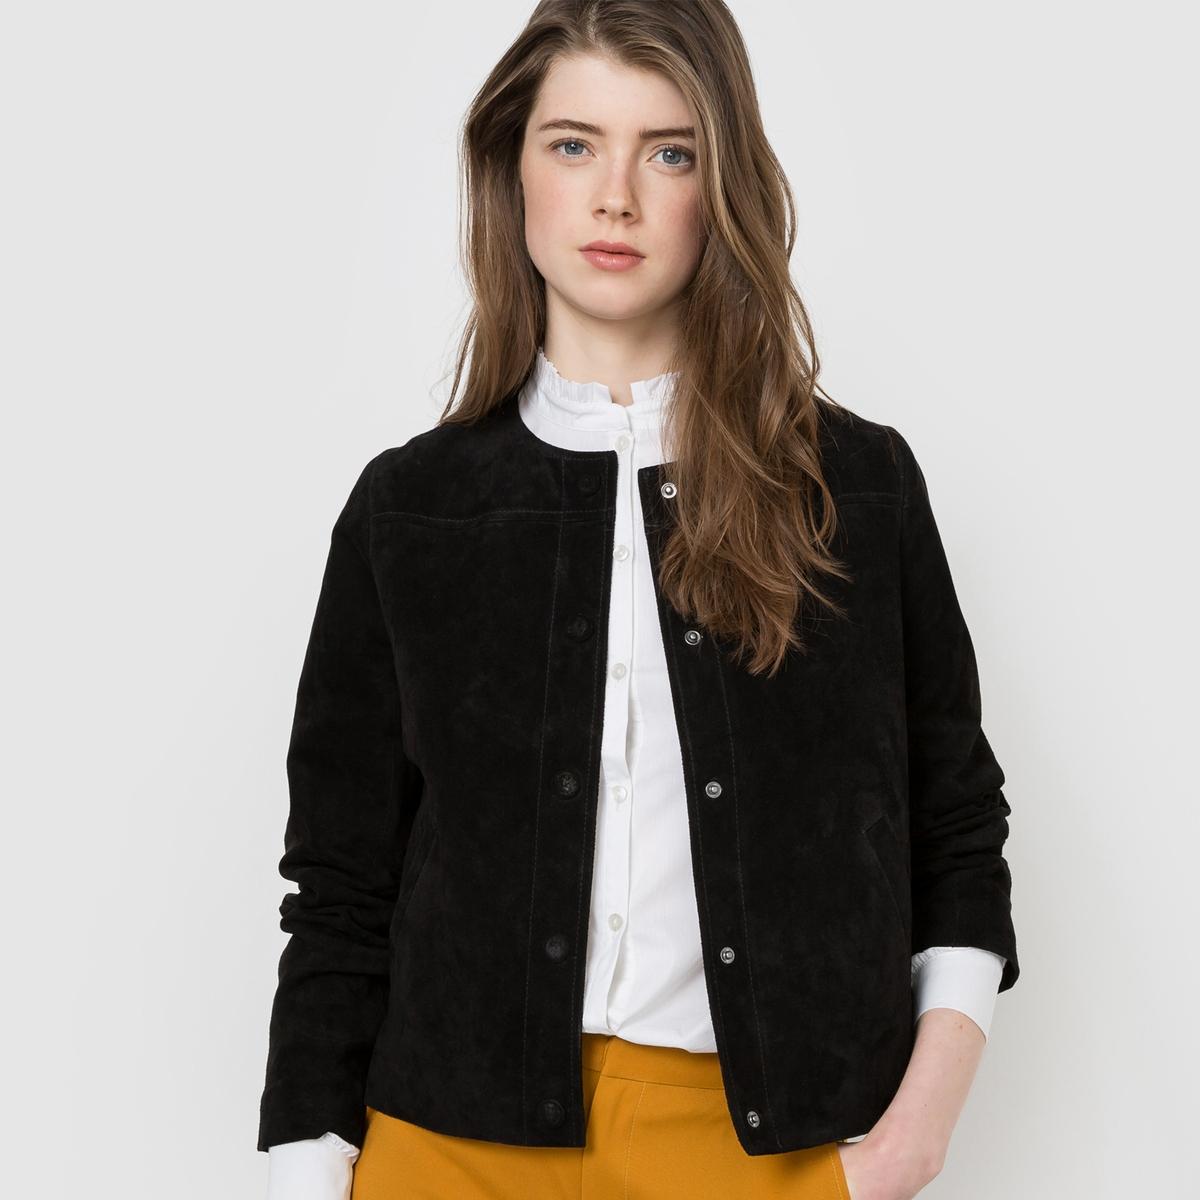 Пиджак из неотделанной кожи